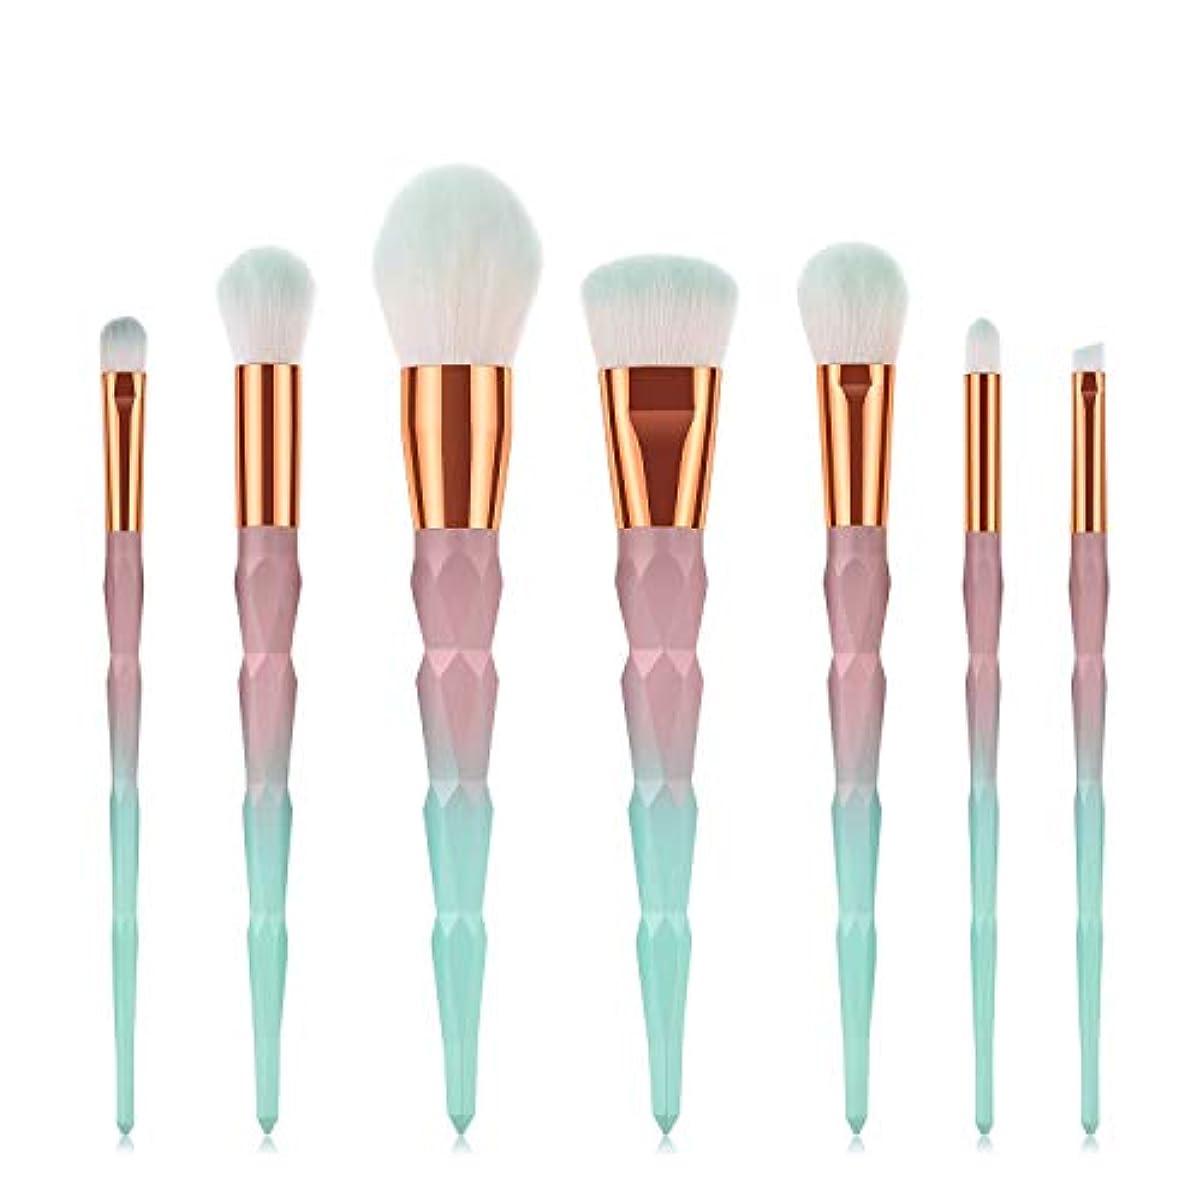 Makeup brushes 7ピースグラデーションブラシセットメイクブラシセット形成ハンドルファンデーションブラッシュアイシャドウリップブラシフェイシャルメイクアップツール suits (Color : Gradient...